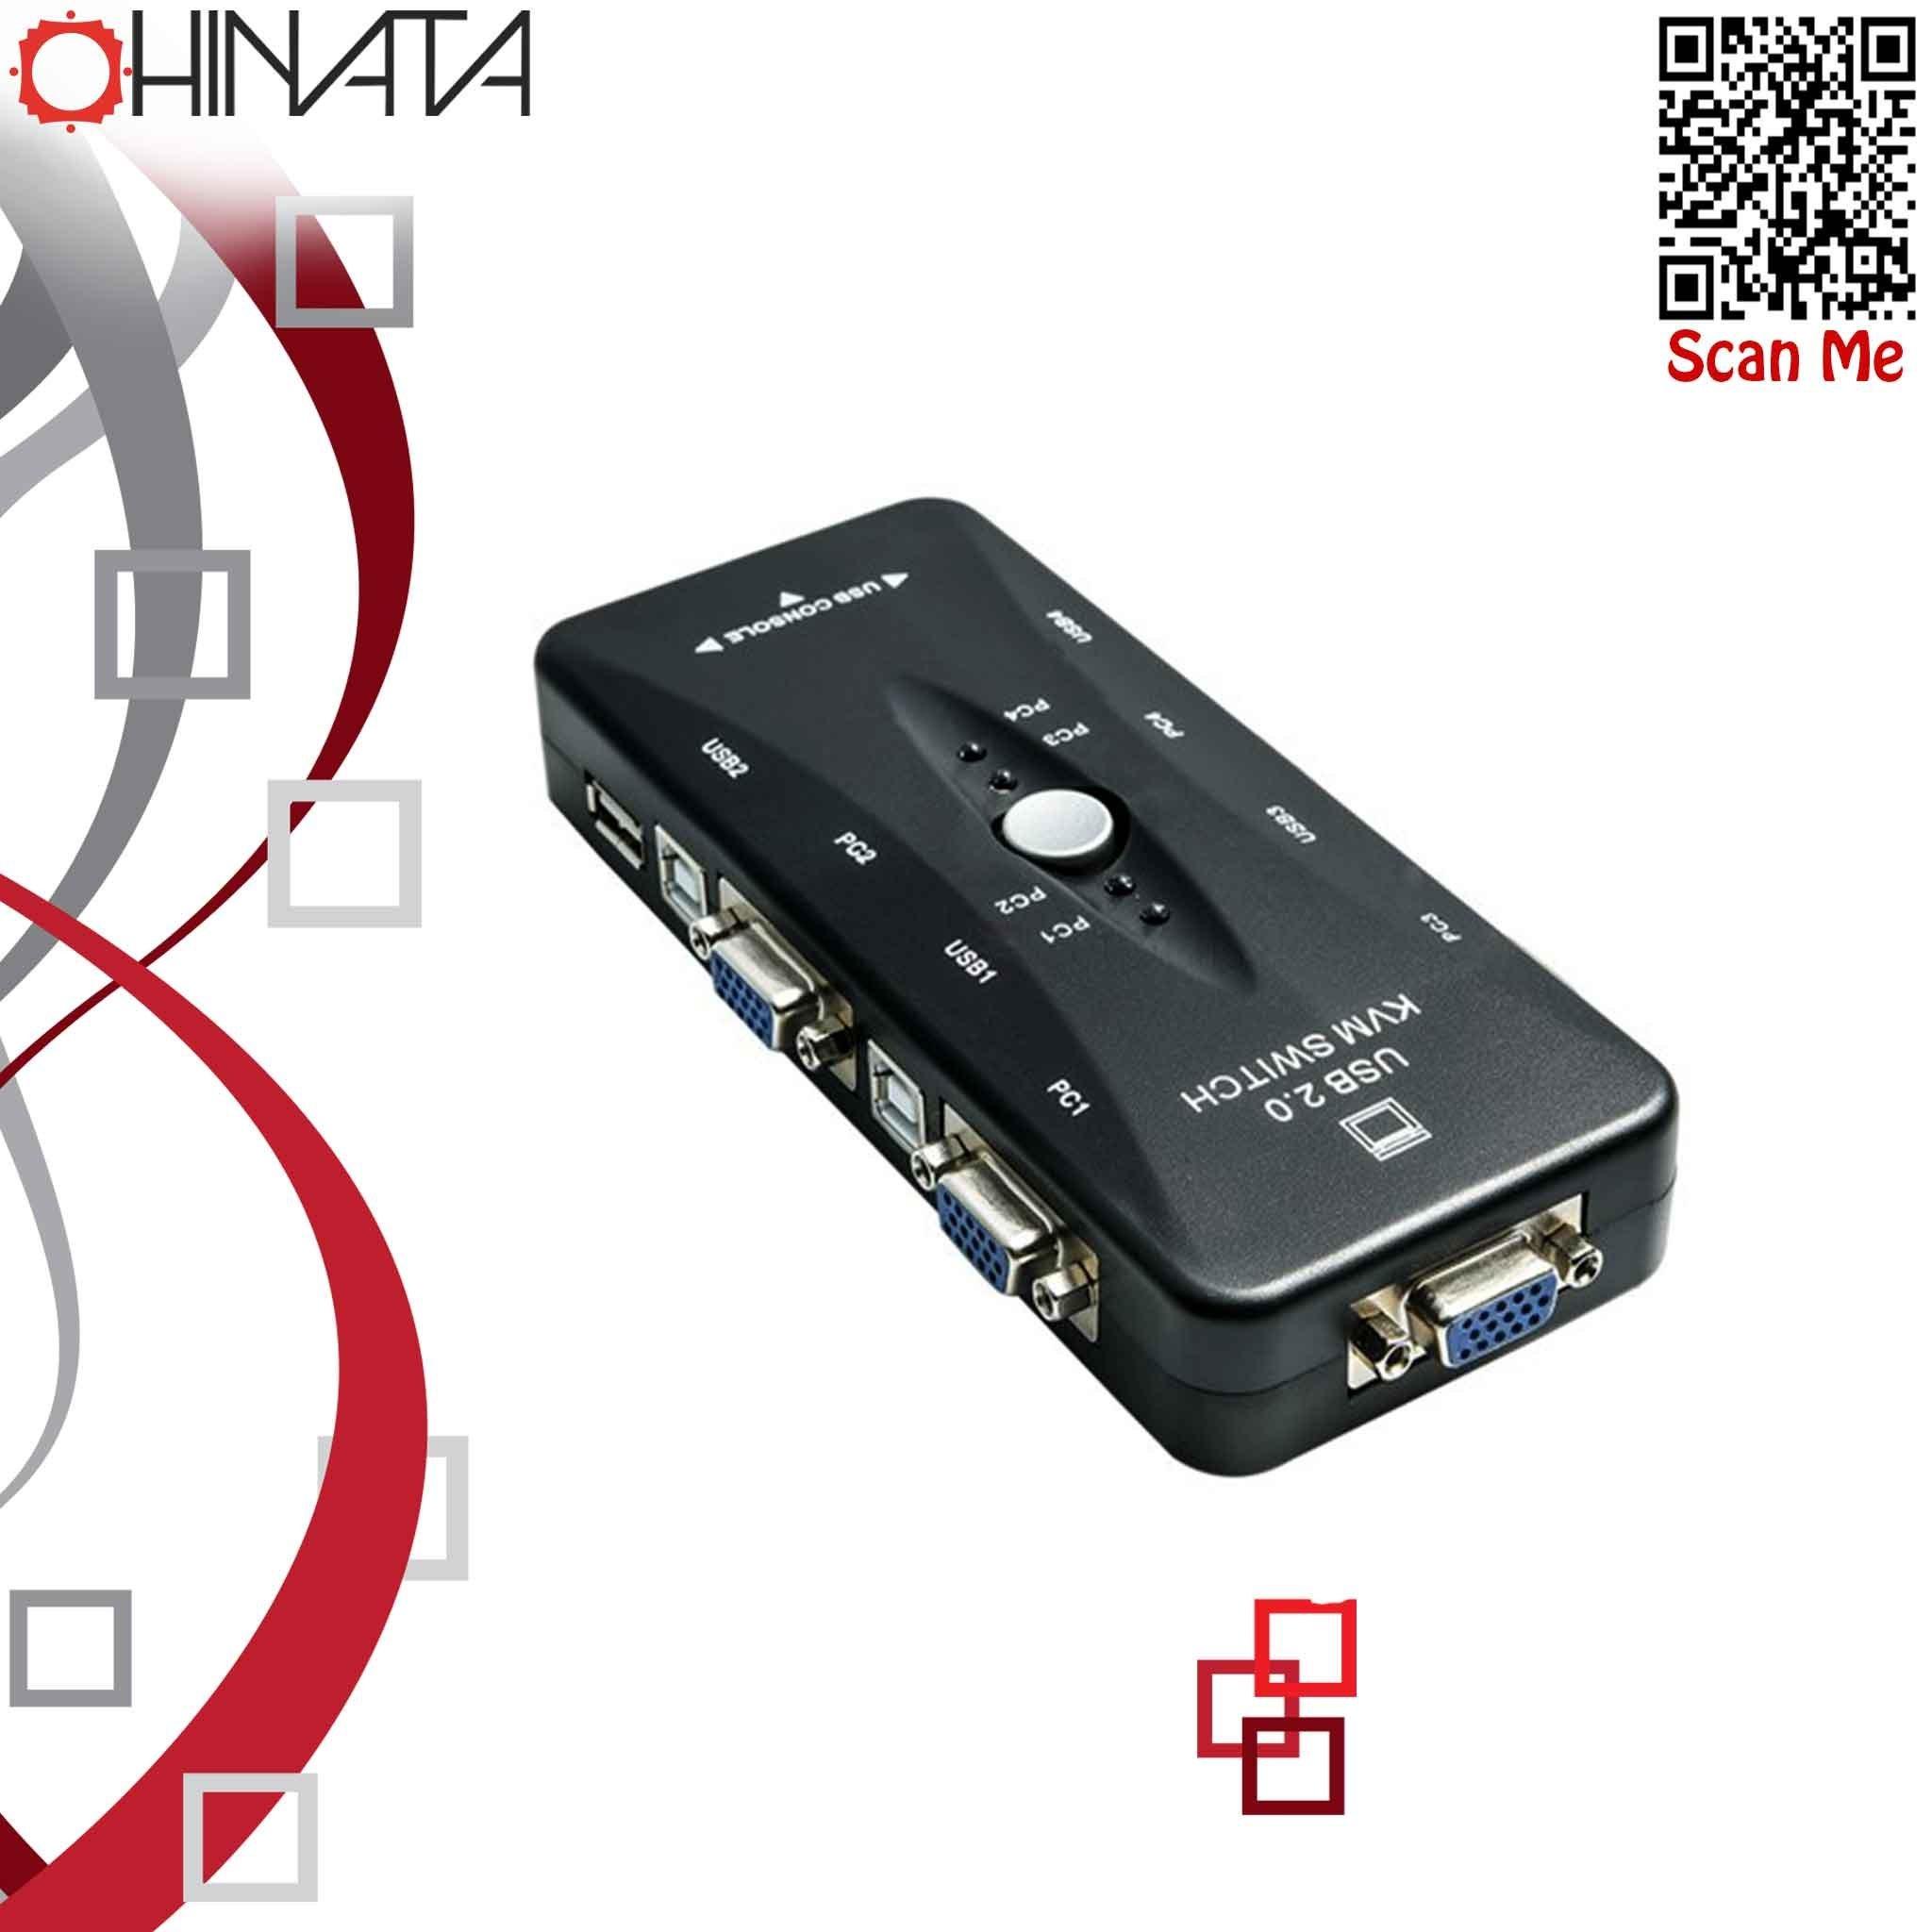 تصویر تبدیل KVM 4 PORT USB